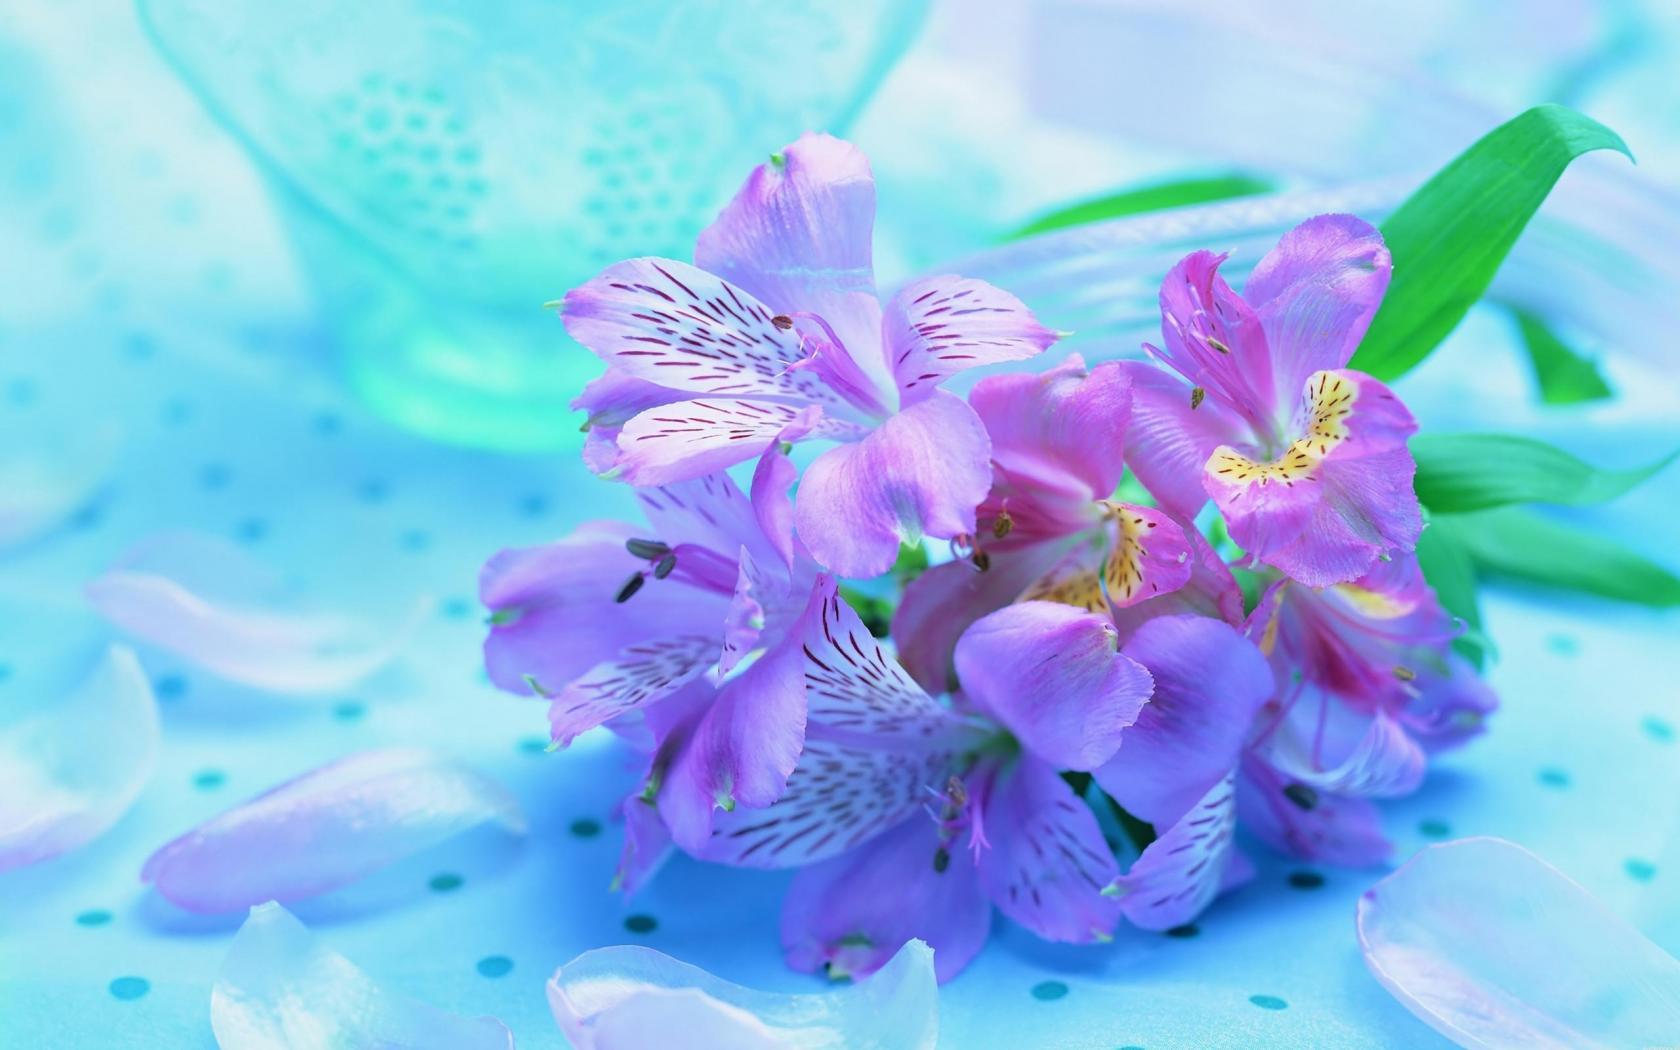 Букет ирисов яркие нежные цветы 1680x1050